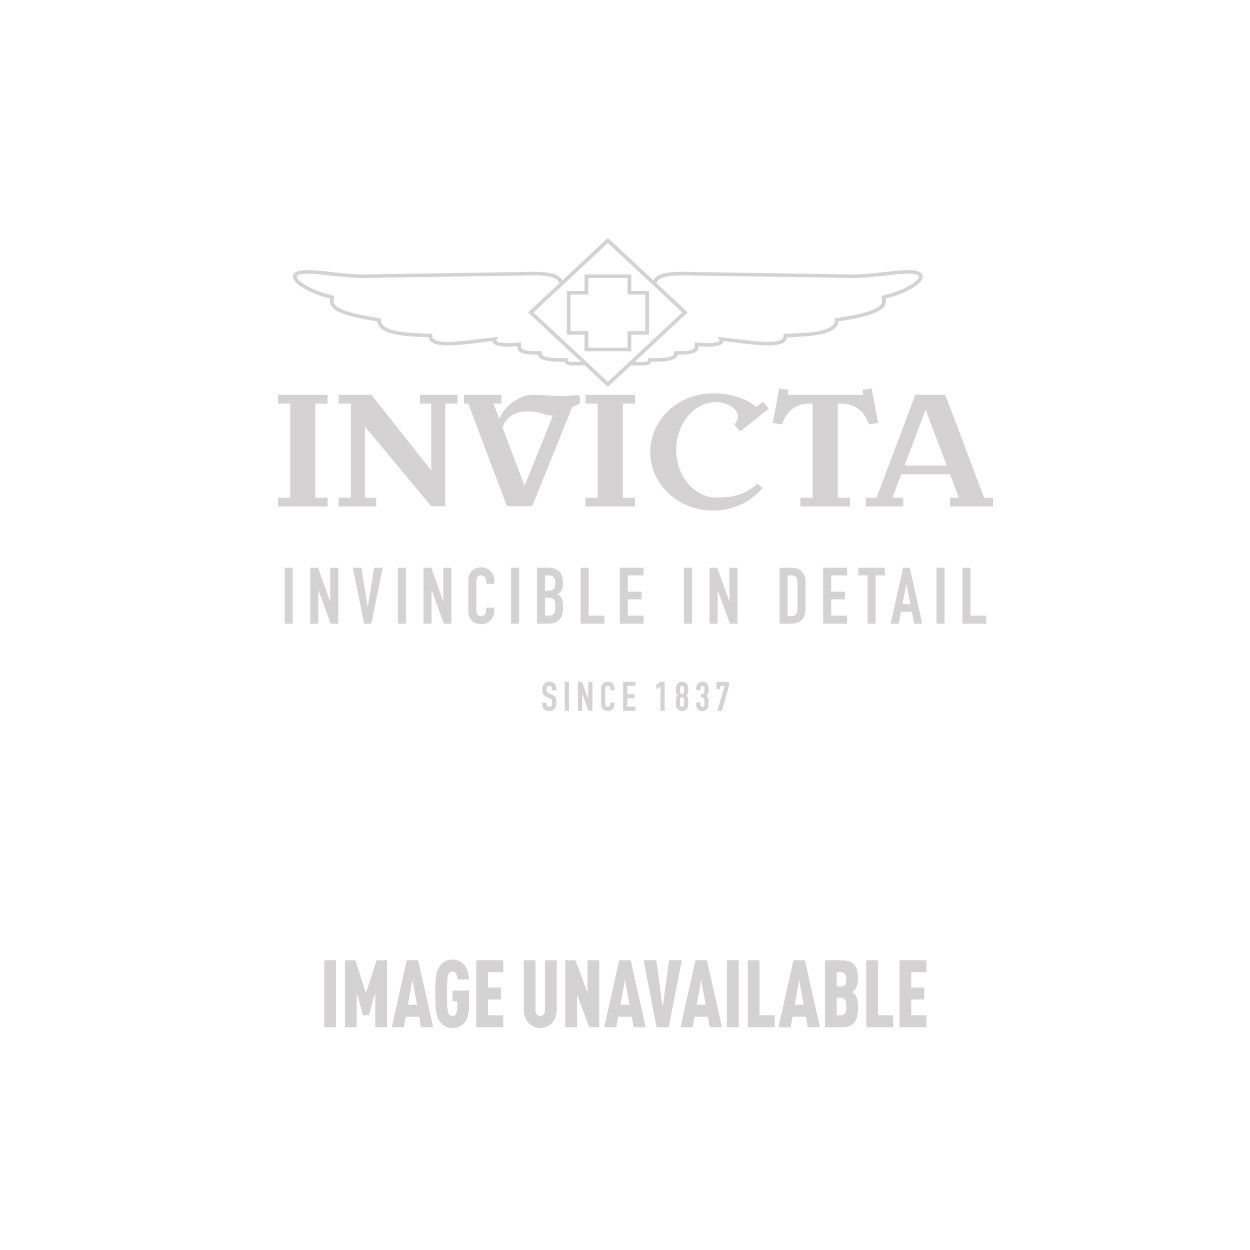 Invicta Model 24622